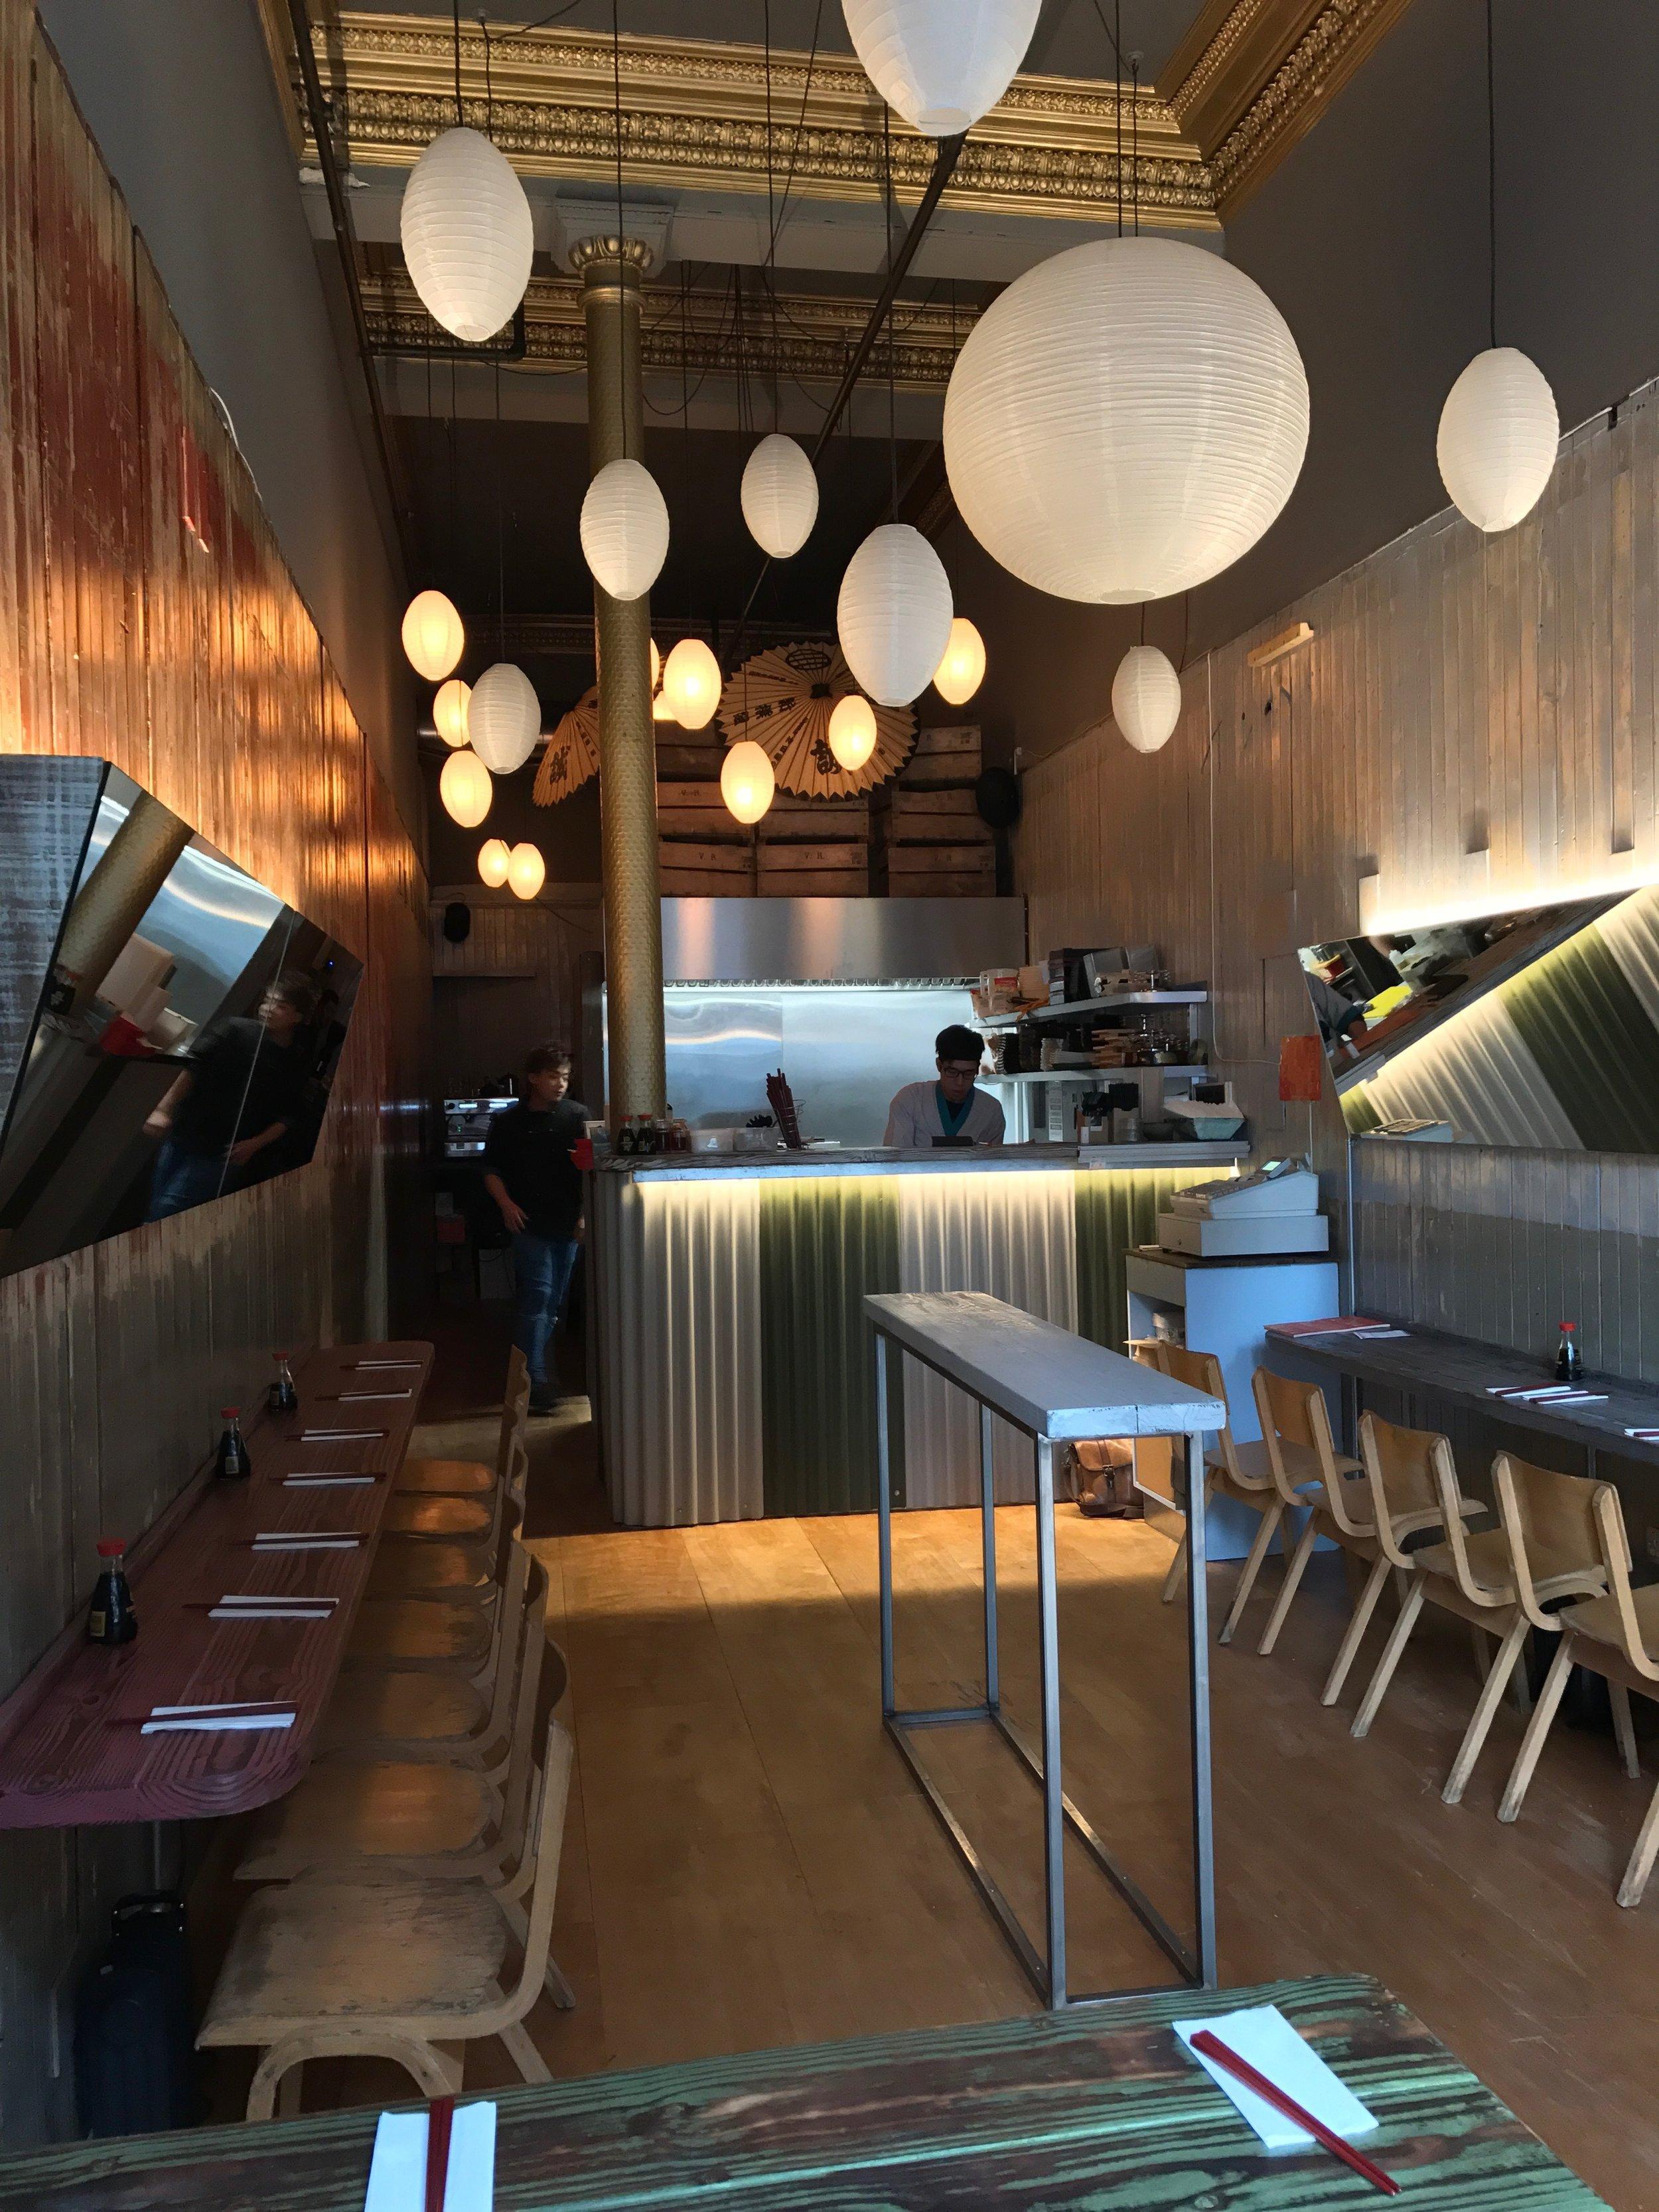 Temaki Glasgow Hope Street inside Japanese restaurant cafe